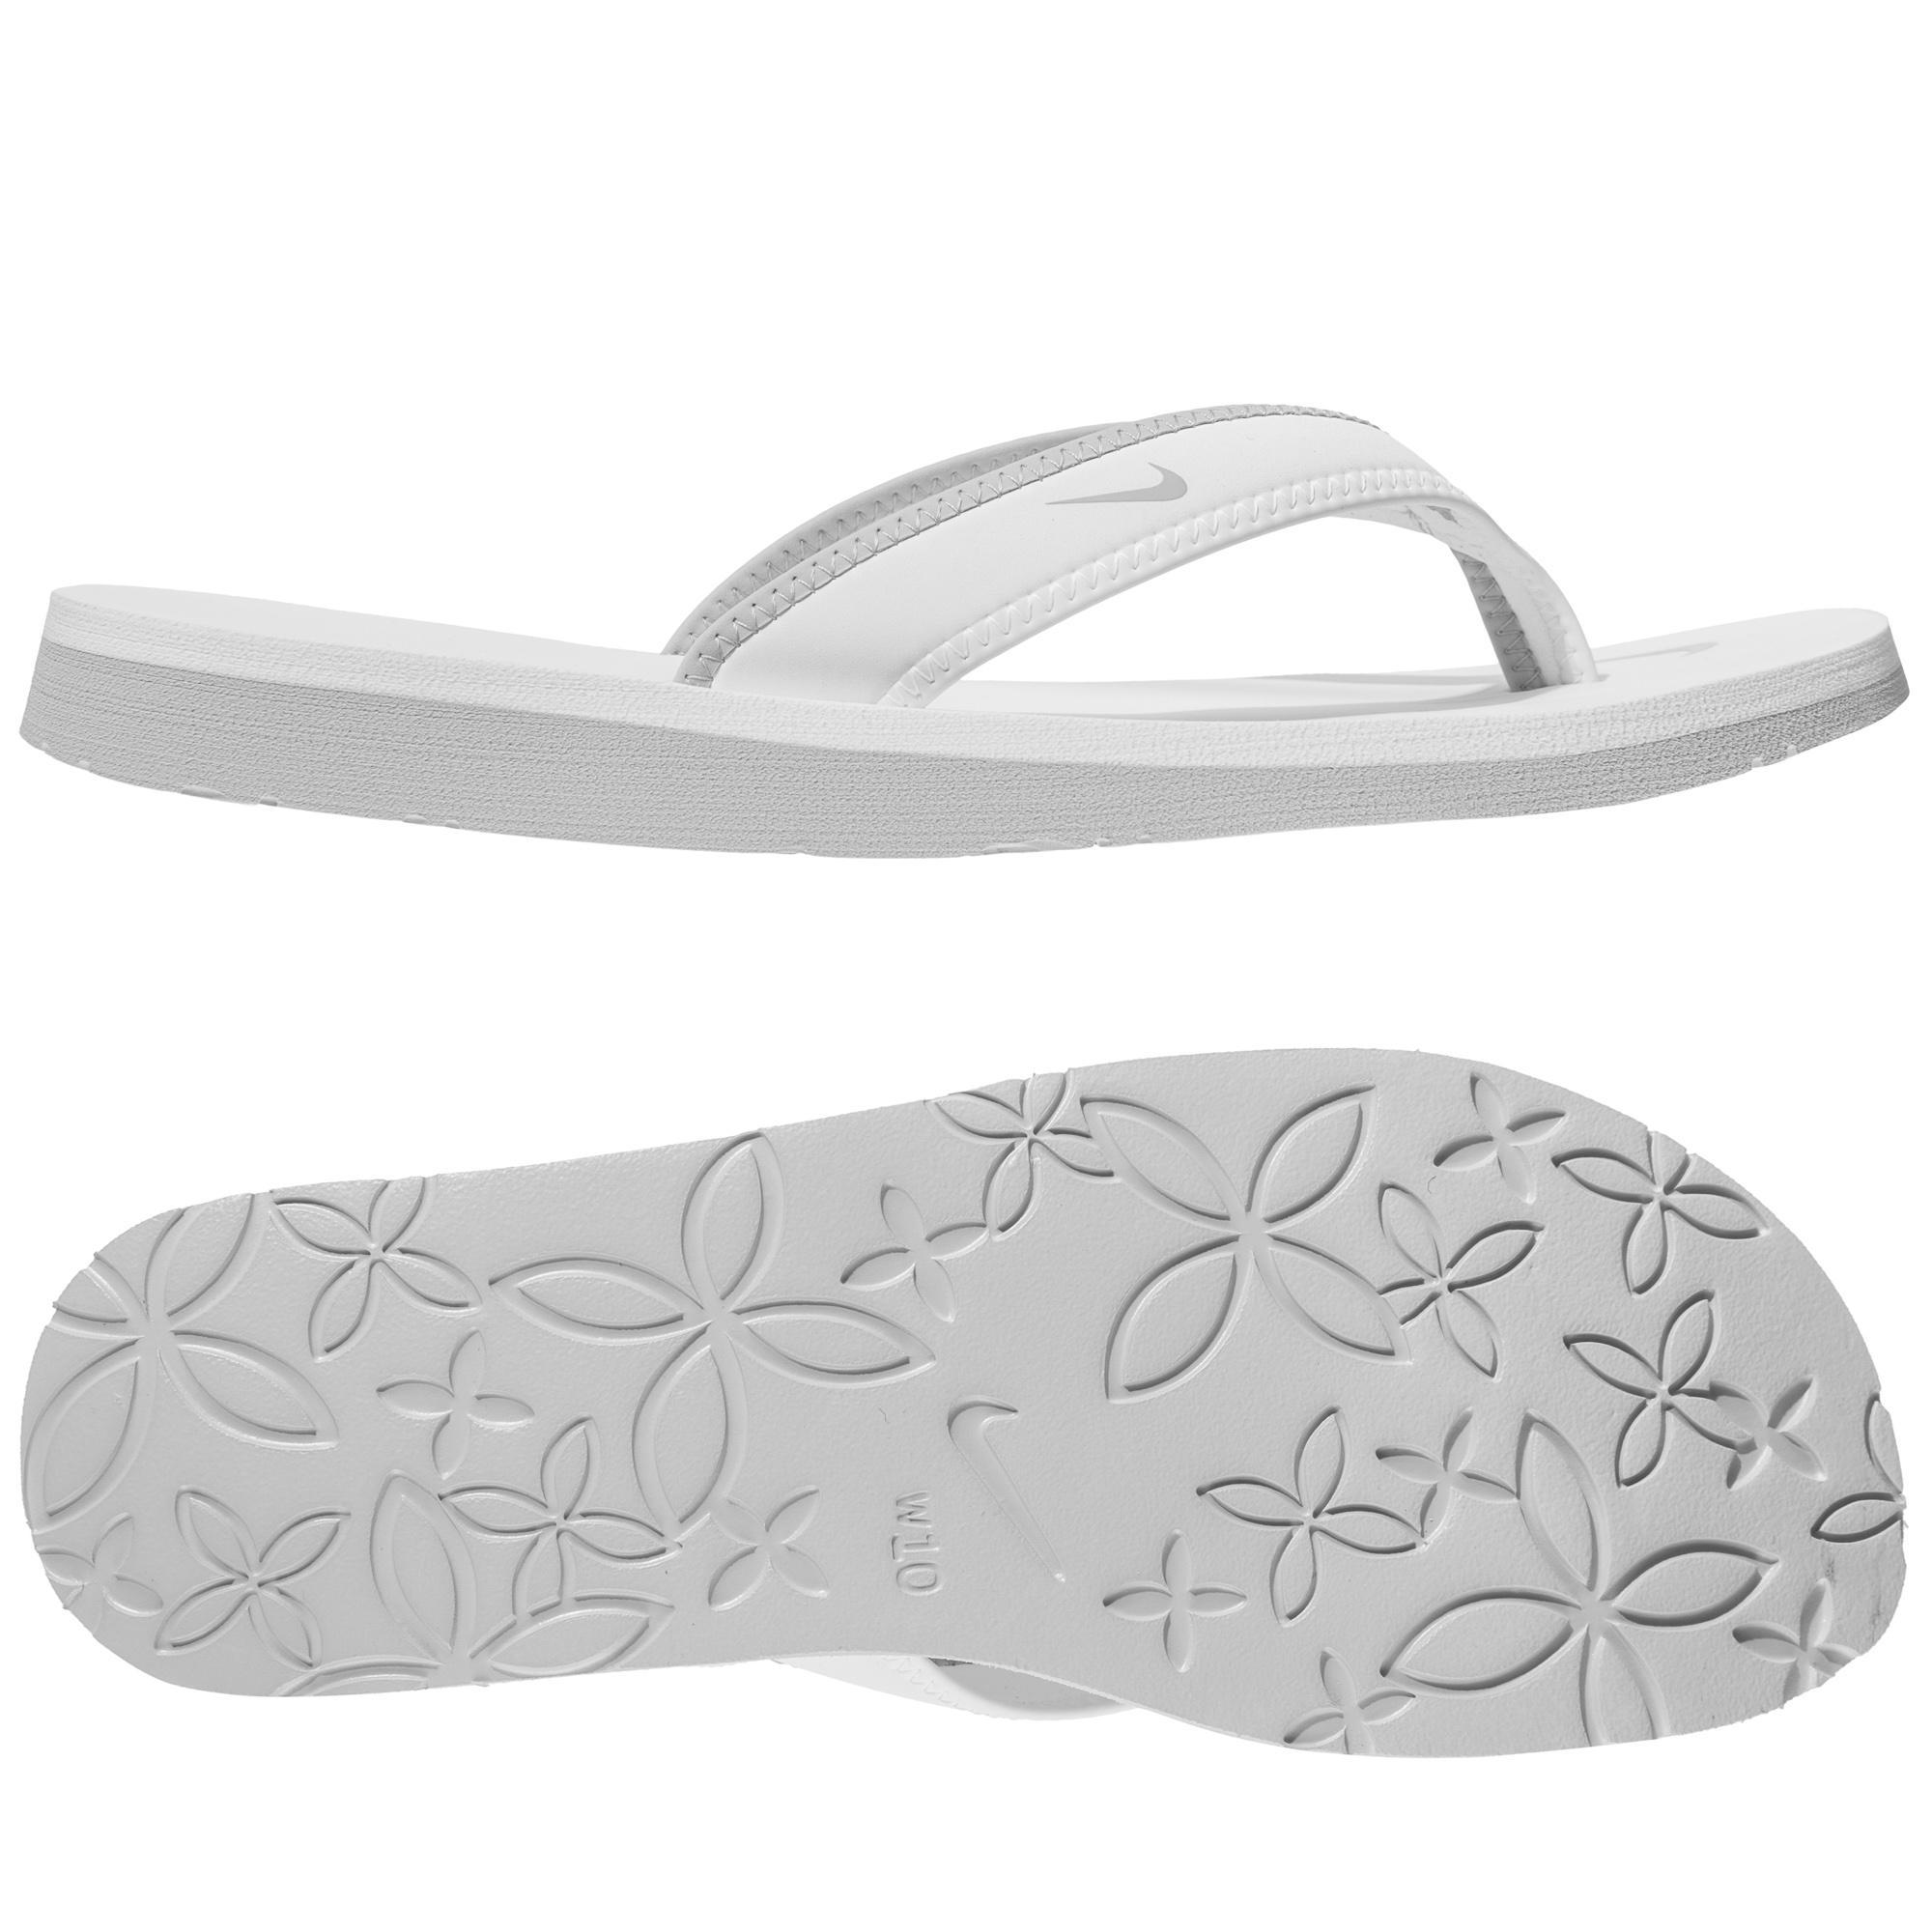 Nike Badtofflor Celso Girl Thong Vit/Grå Dam